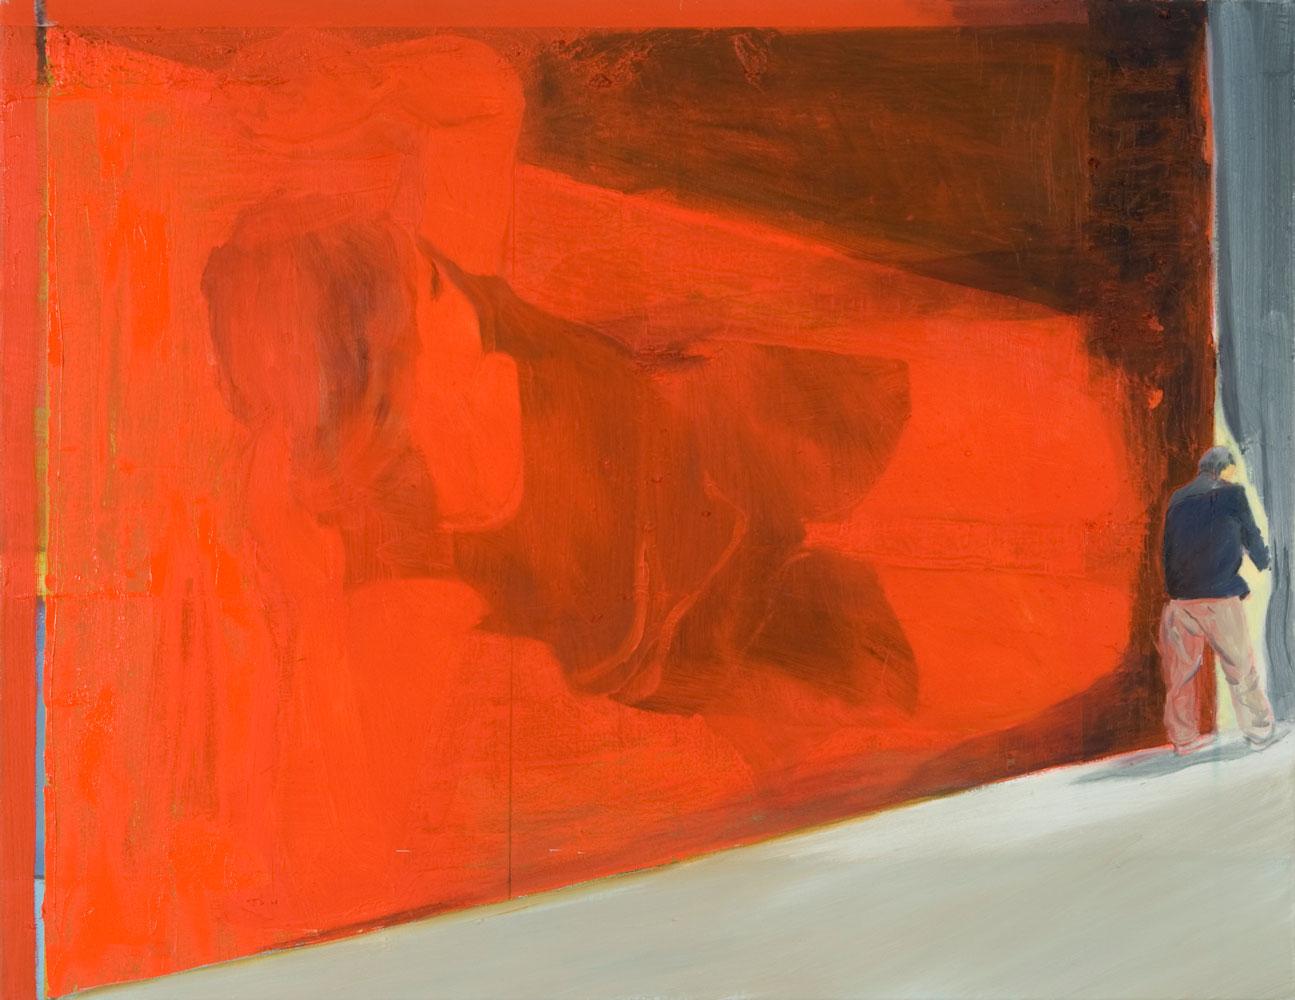 eine rote Wand dominiert das Bild, am rechten Bildrand verschwindet eine Männerfigur gleich hinter einen Vorhang